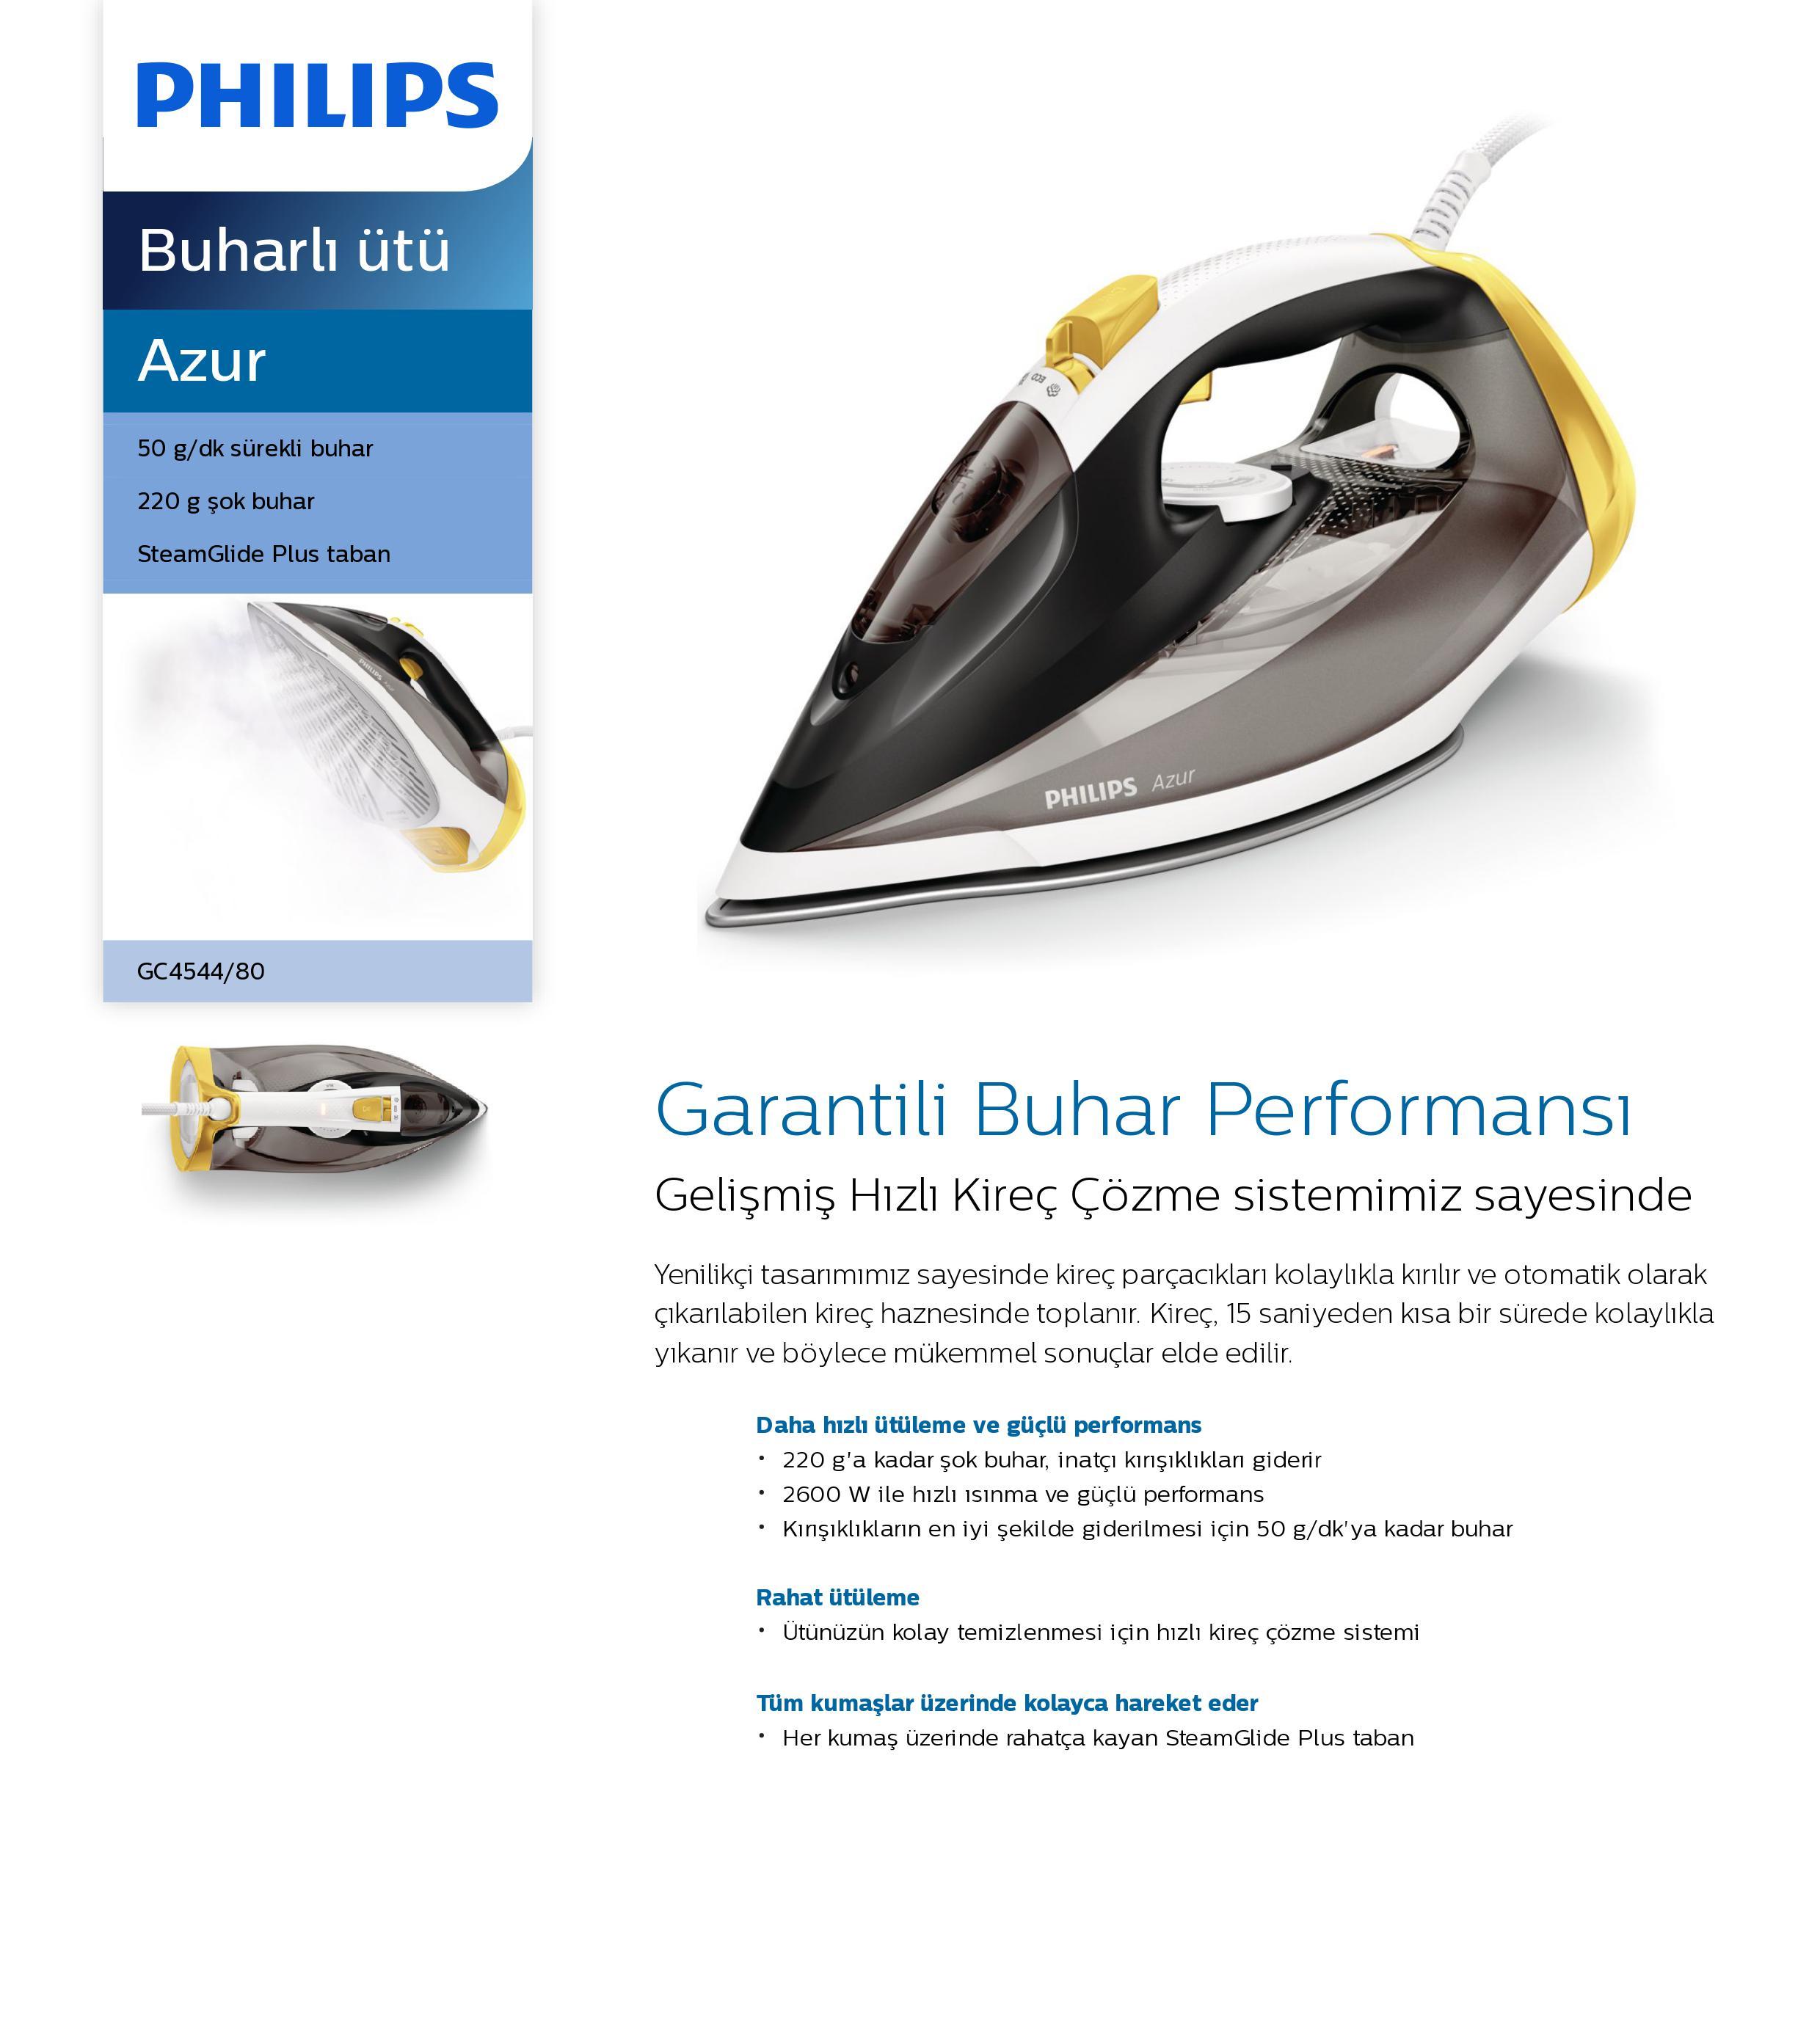 Philips GC4544/80 Azur Buharlı Ütü